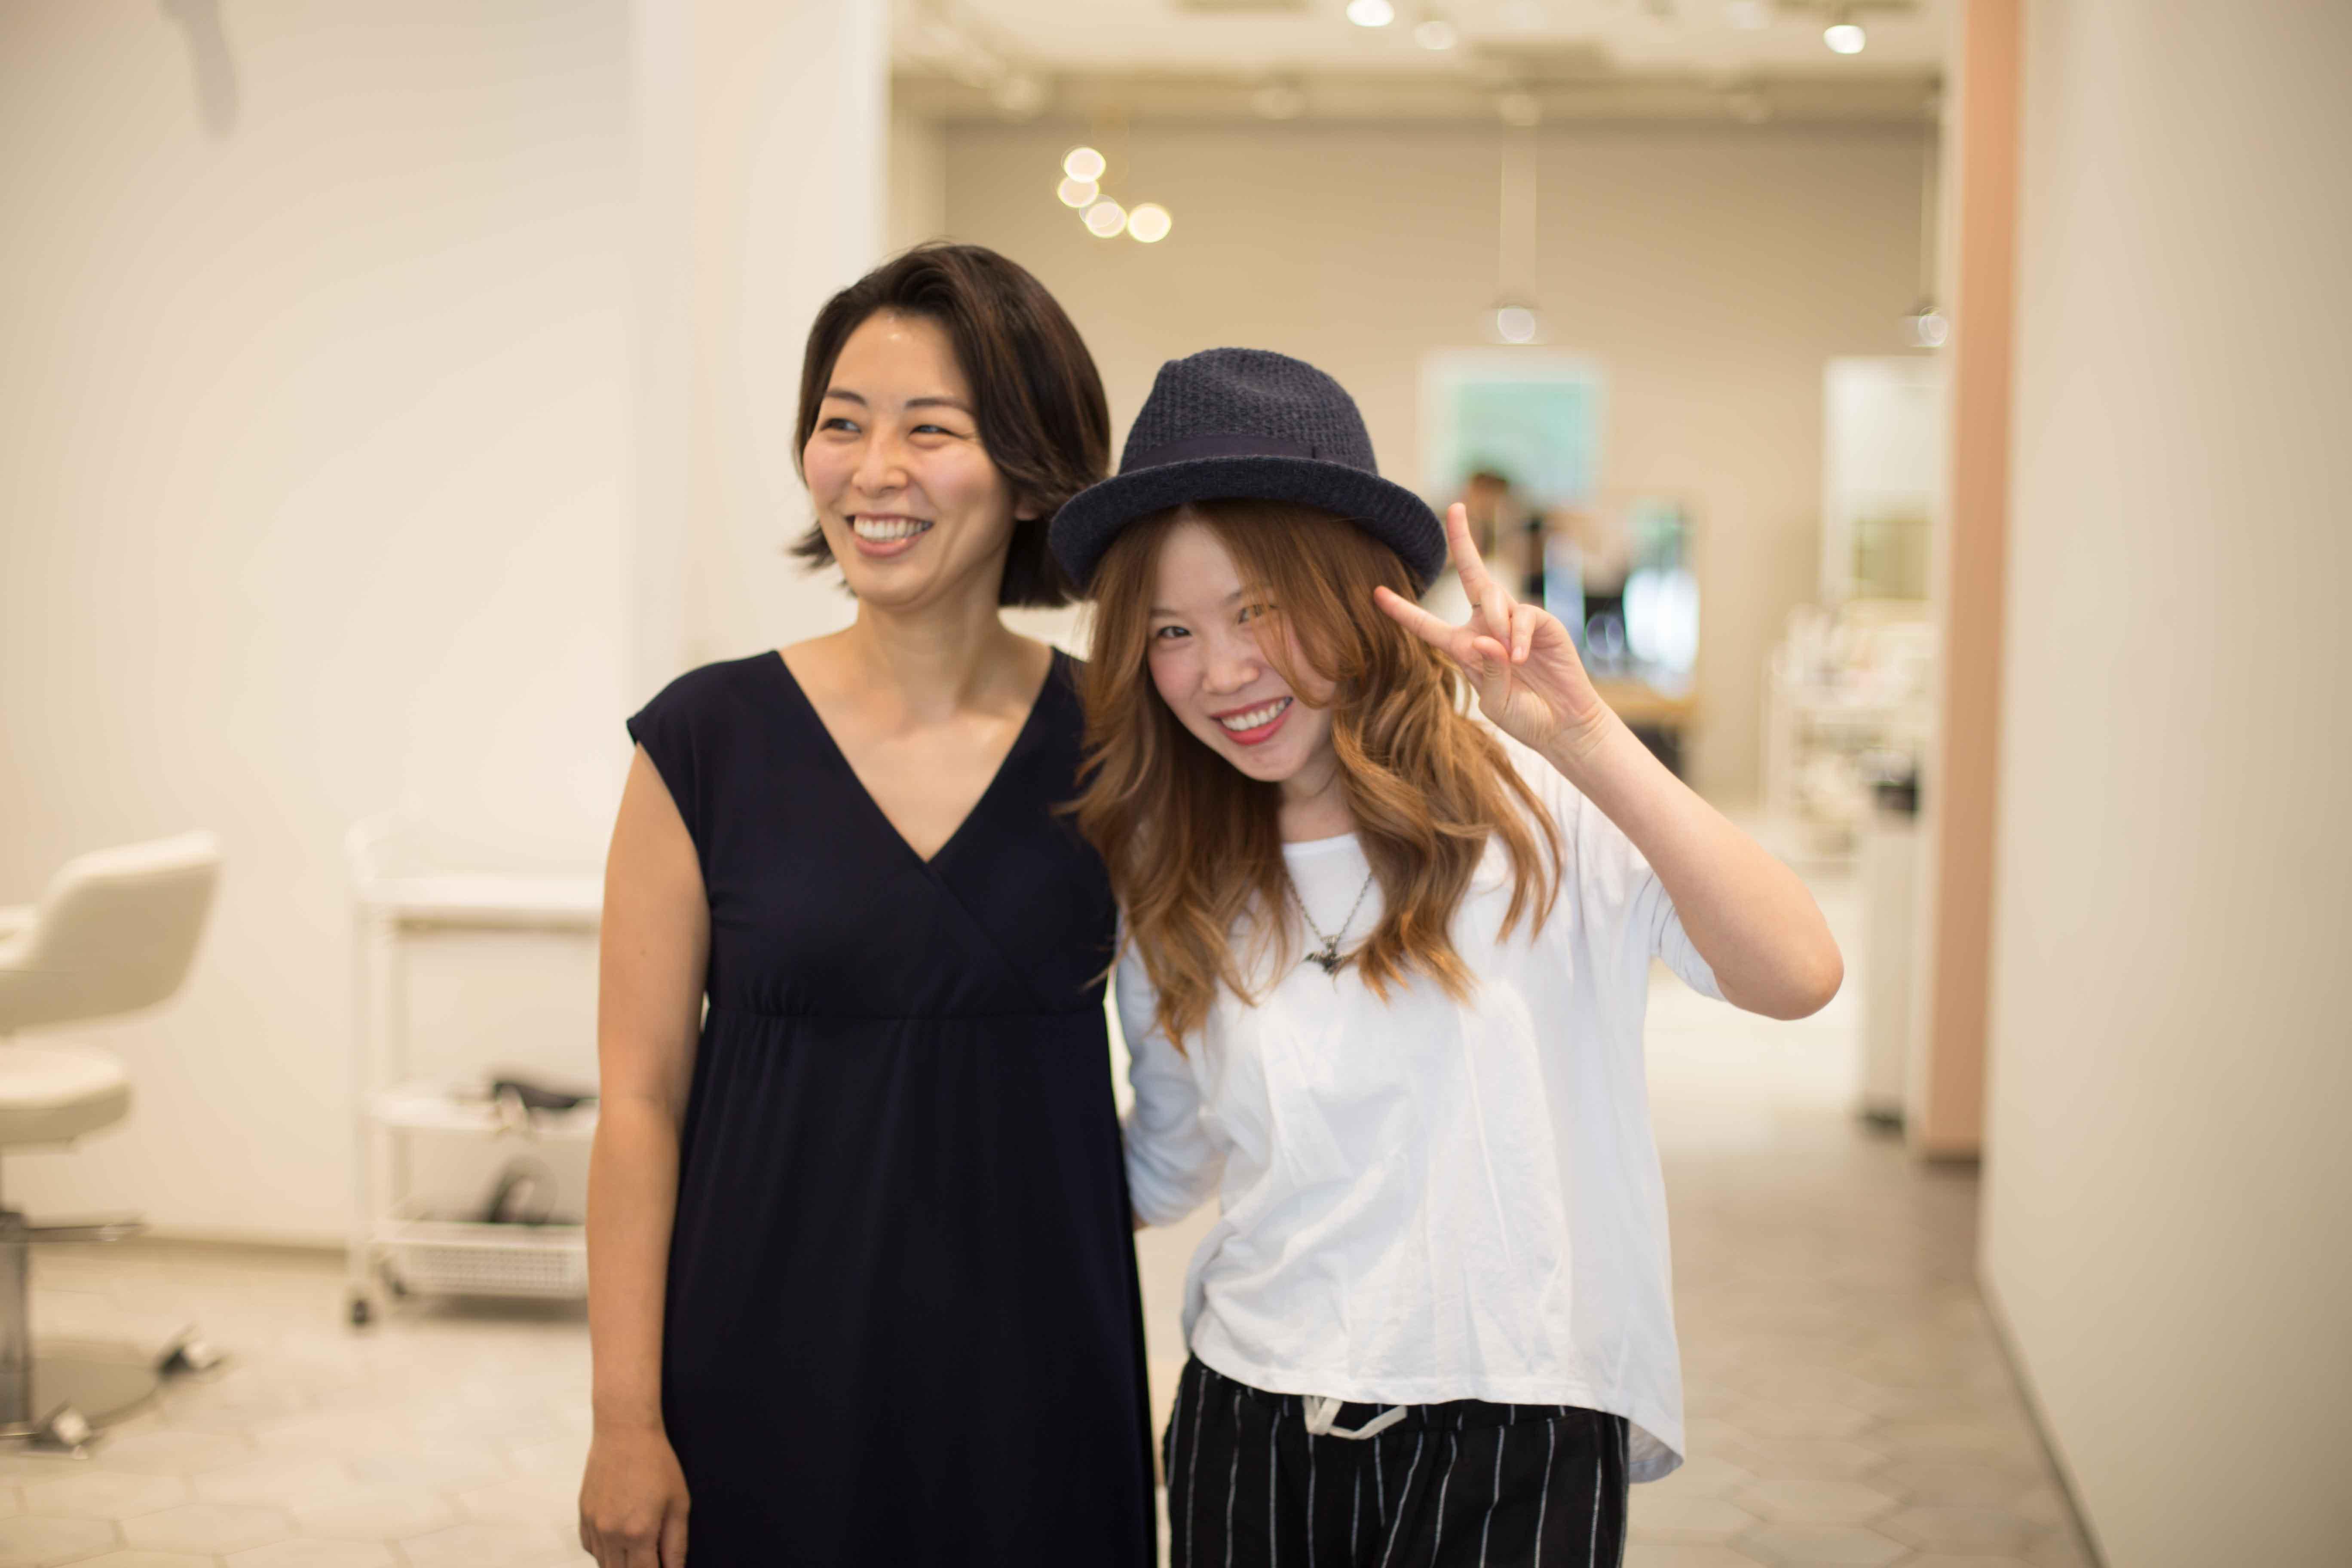 中国 北京 日系美容室 日系サロン 日本人美容師 海外就職